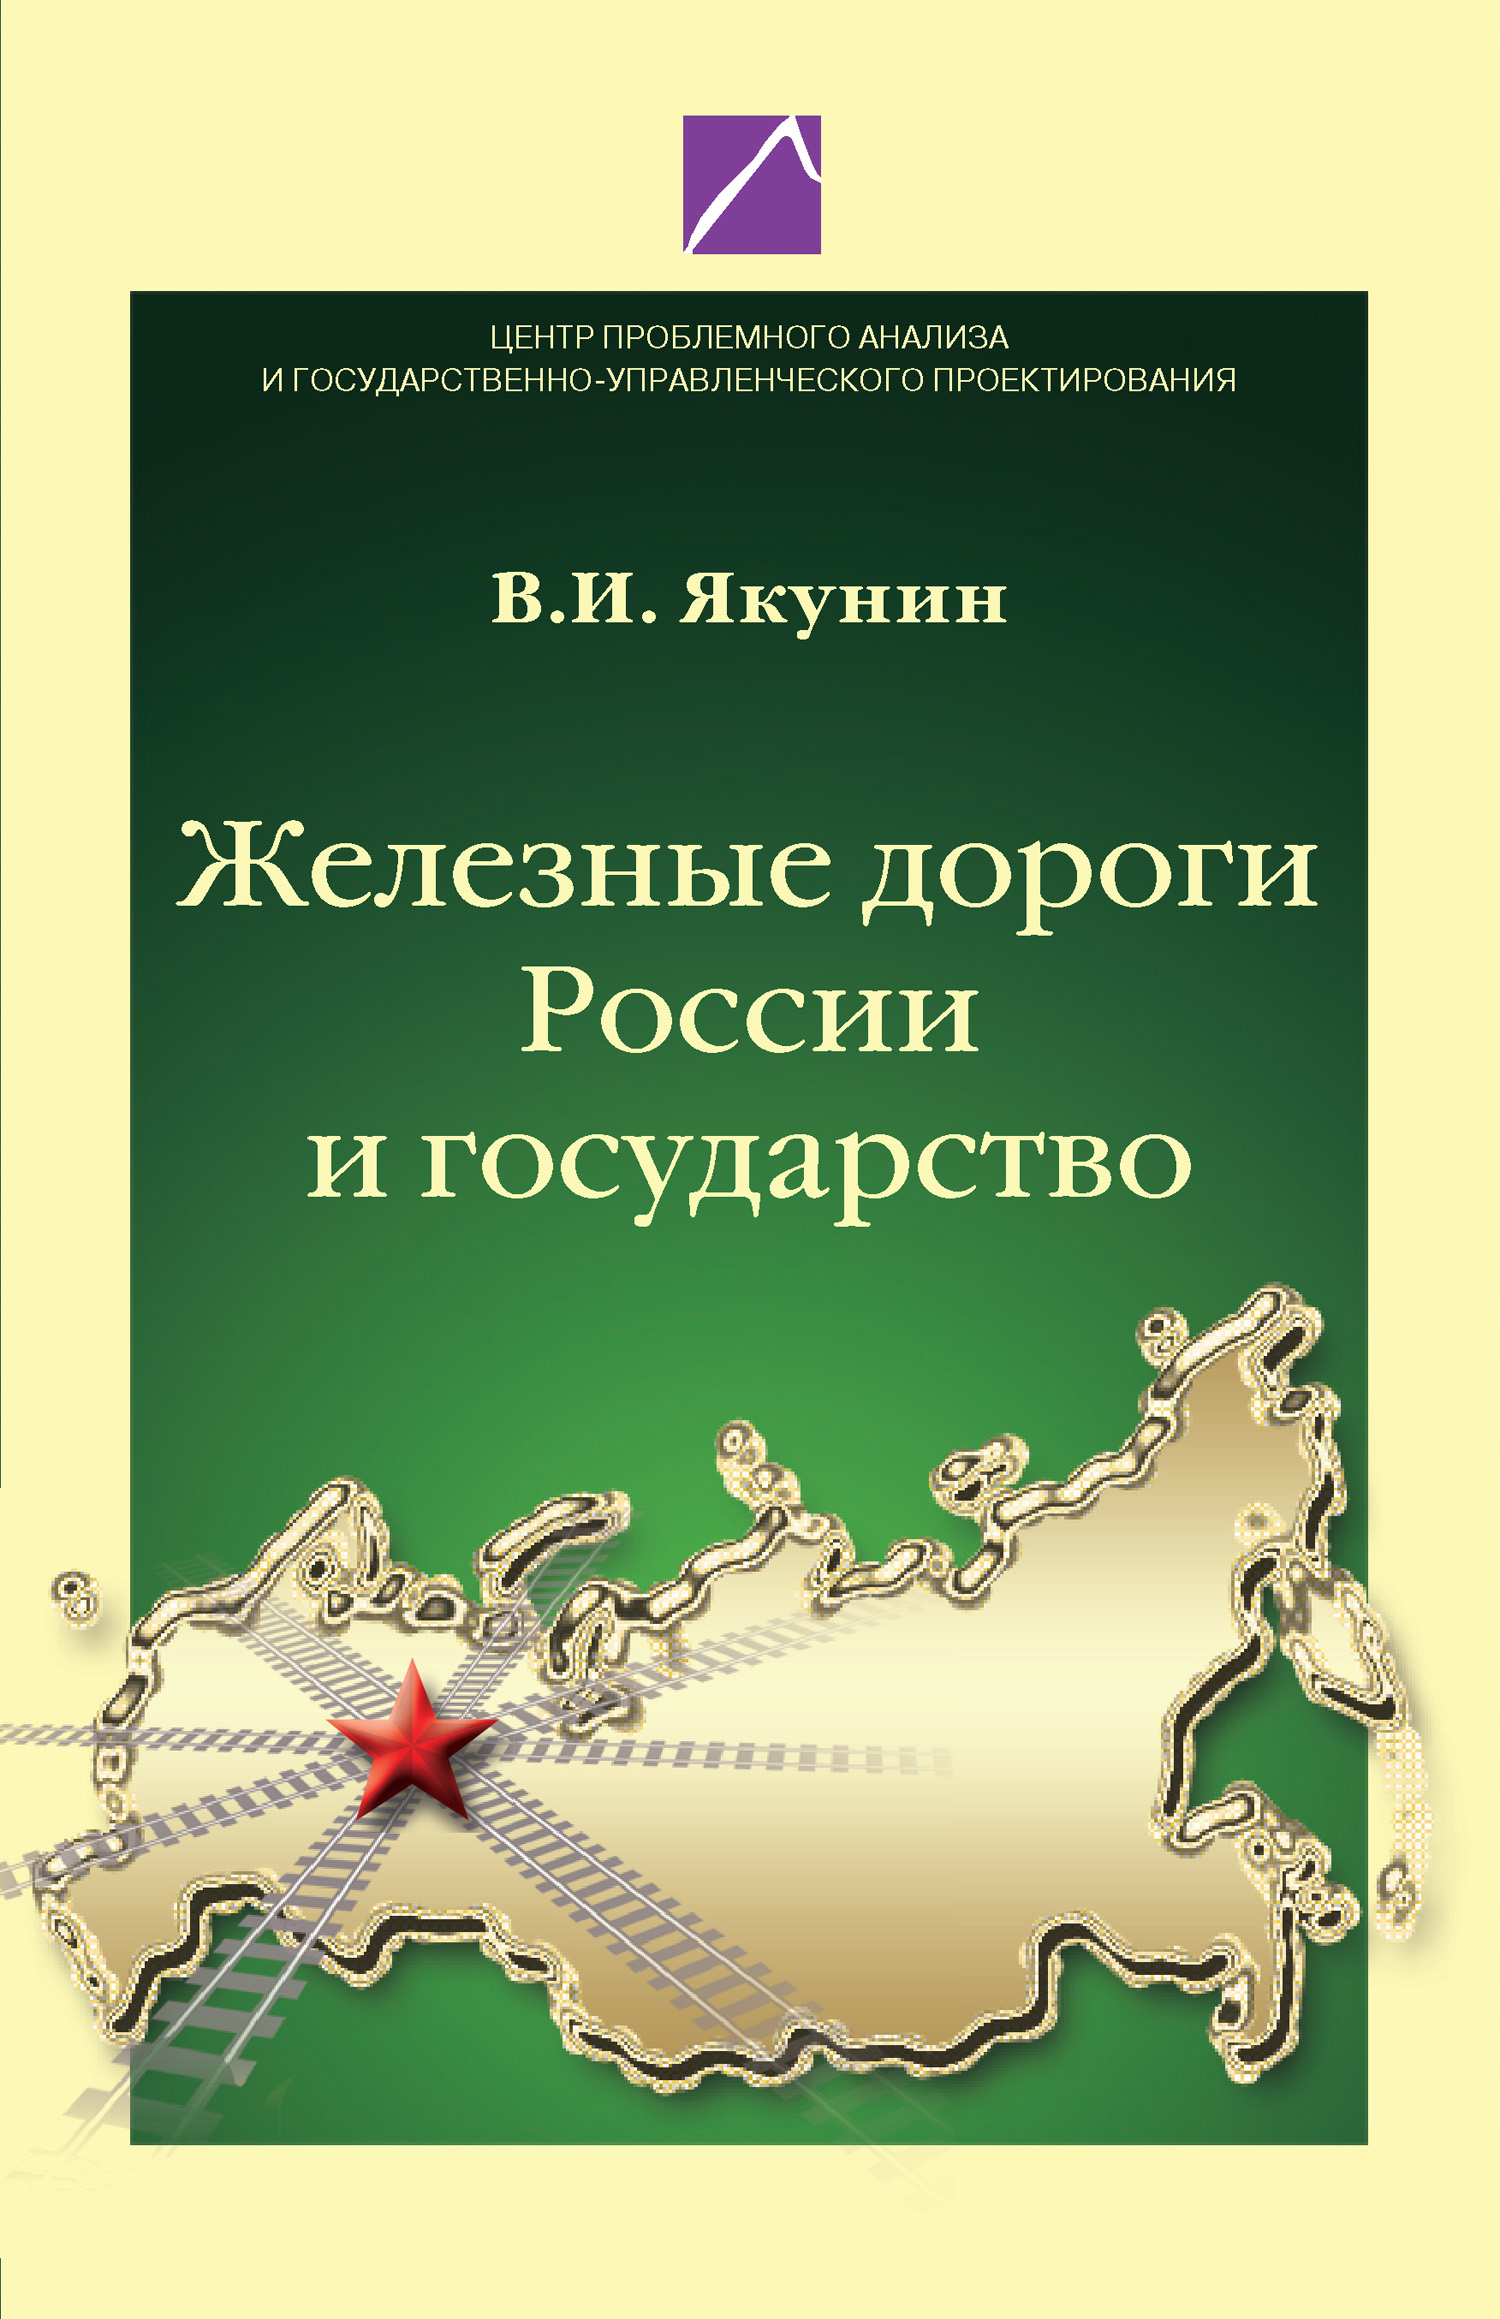 В. И. Якунин Железные дороги России и государство экономичность и энергоемкость городского транспорта